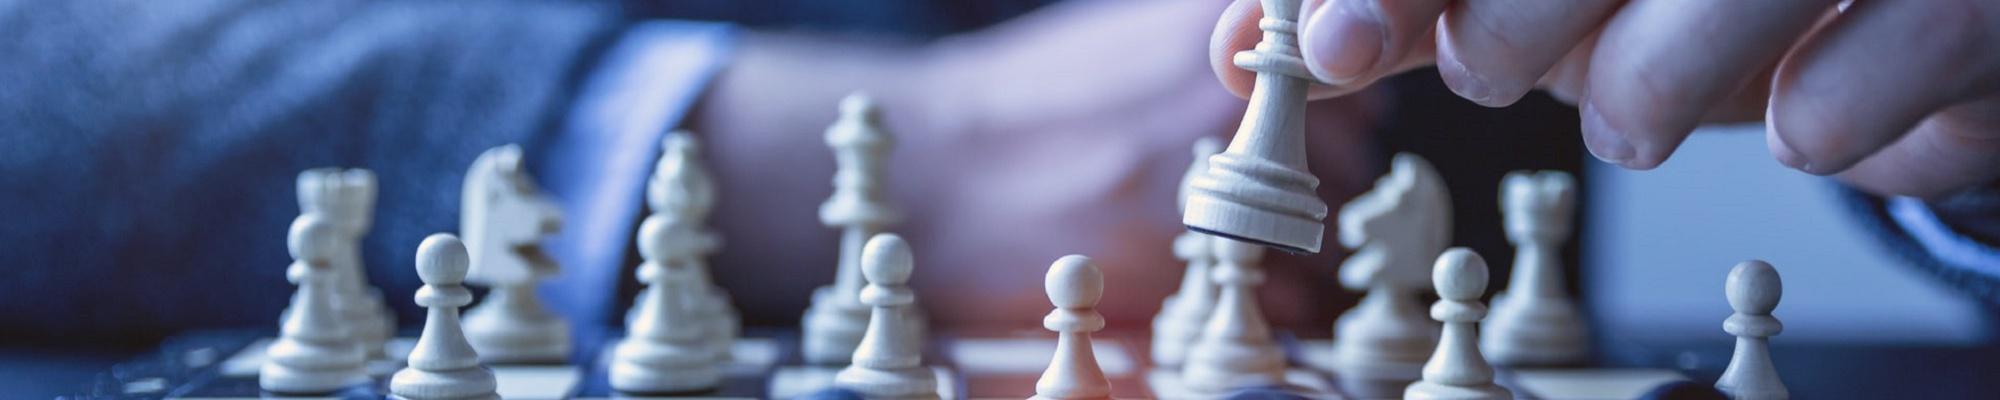 iespēju loma finanšu tirgos